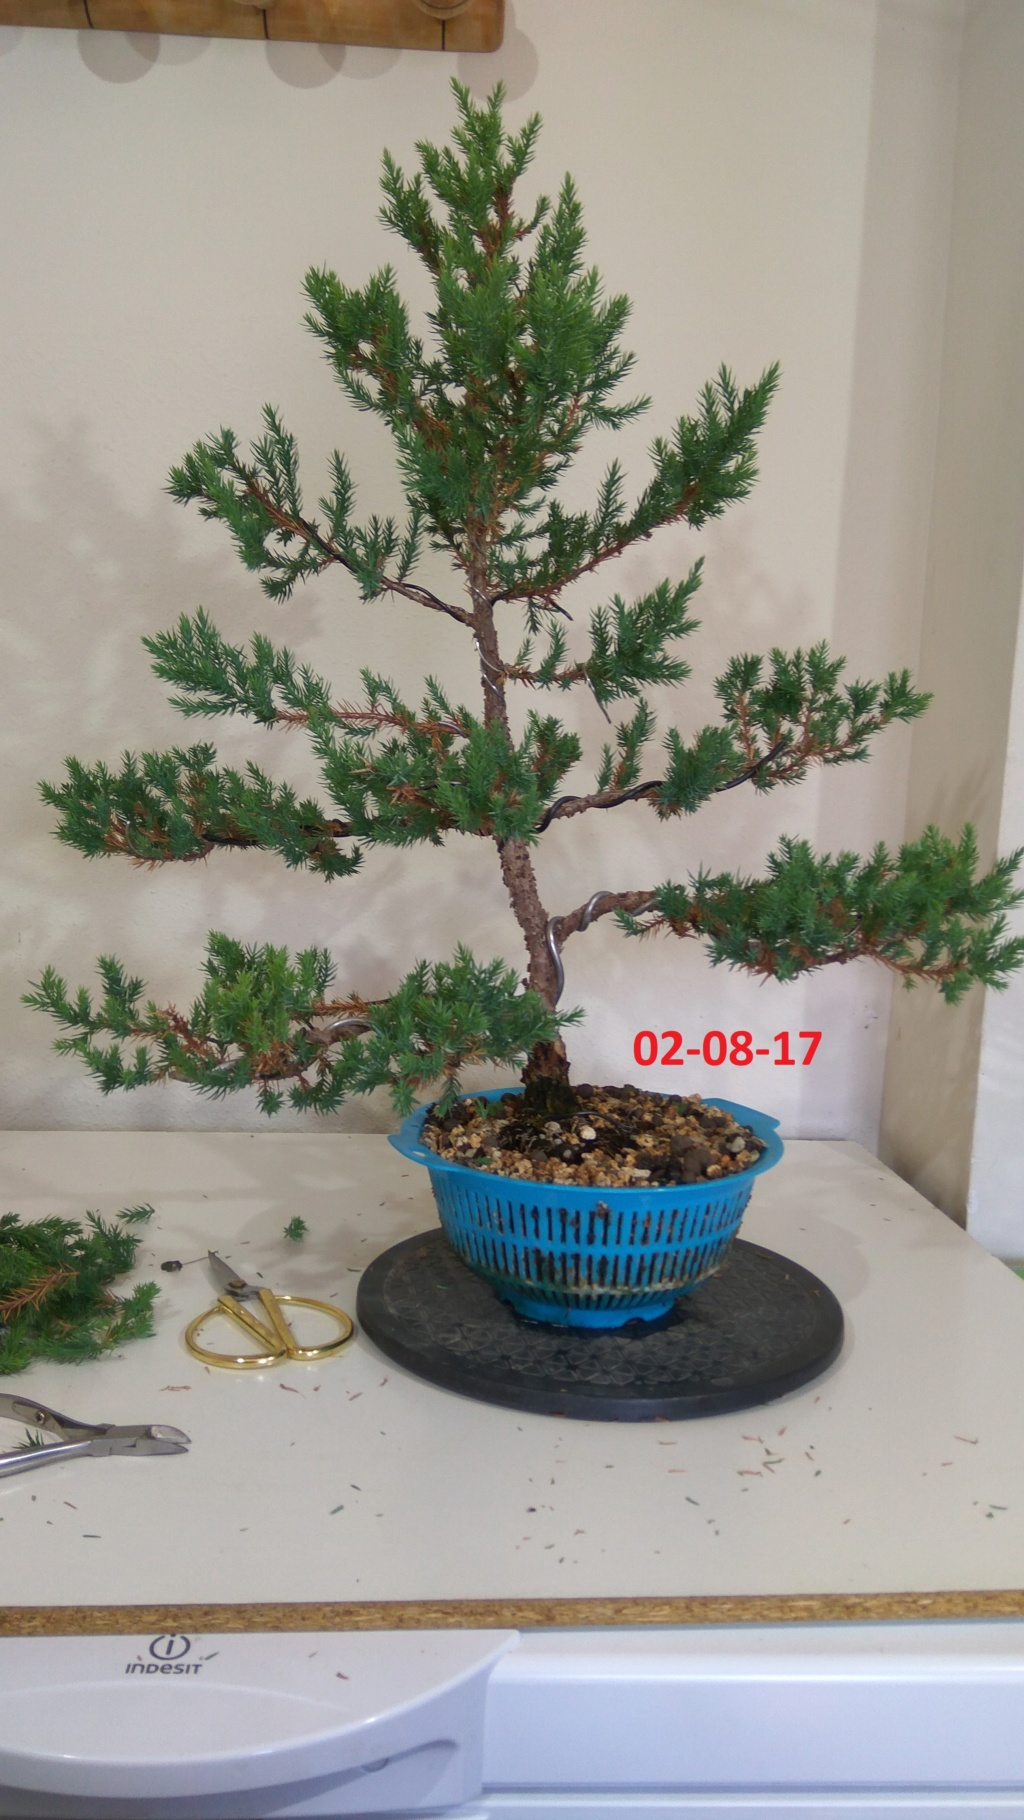 Evoución juniperus stricta en 2 años y medio Img_2020